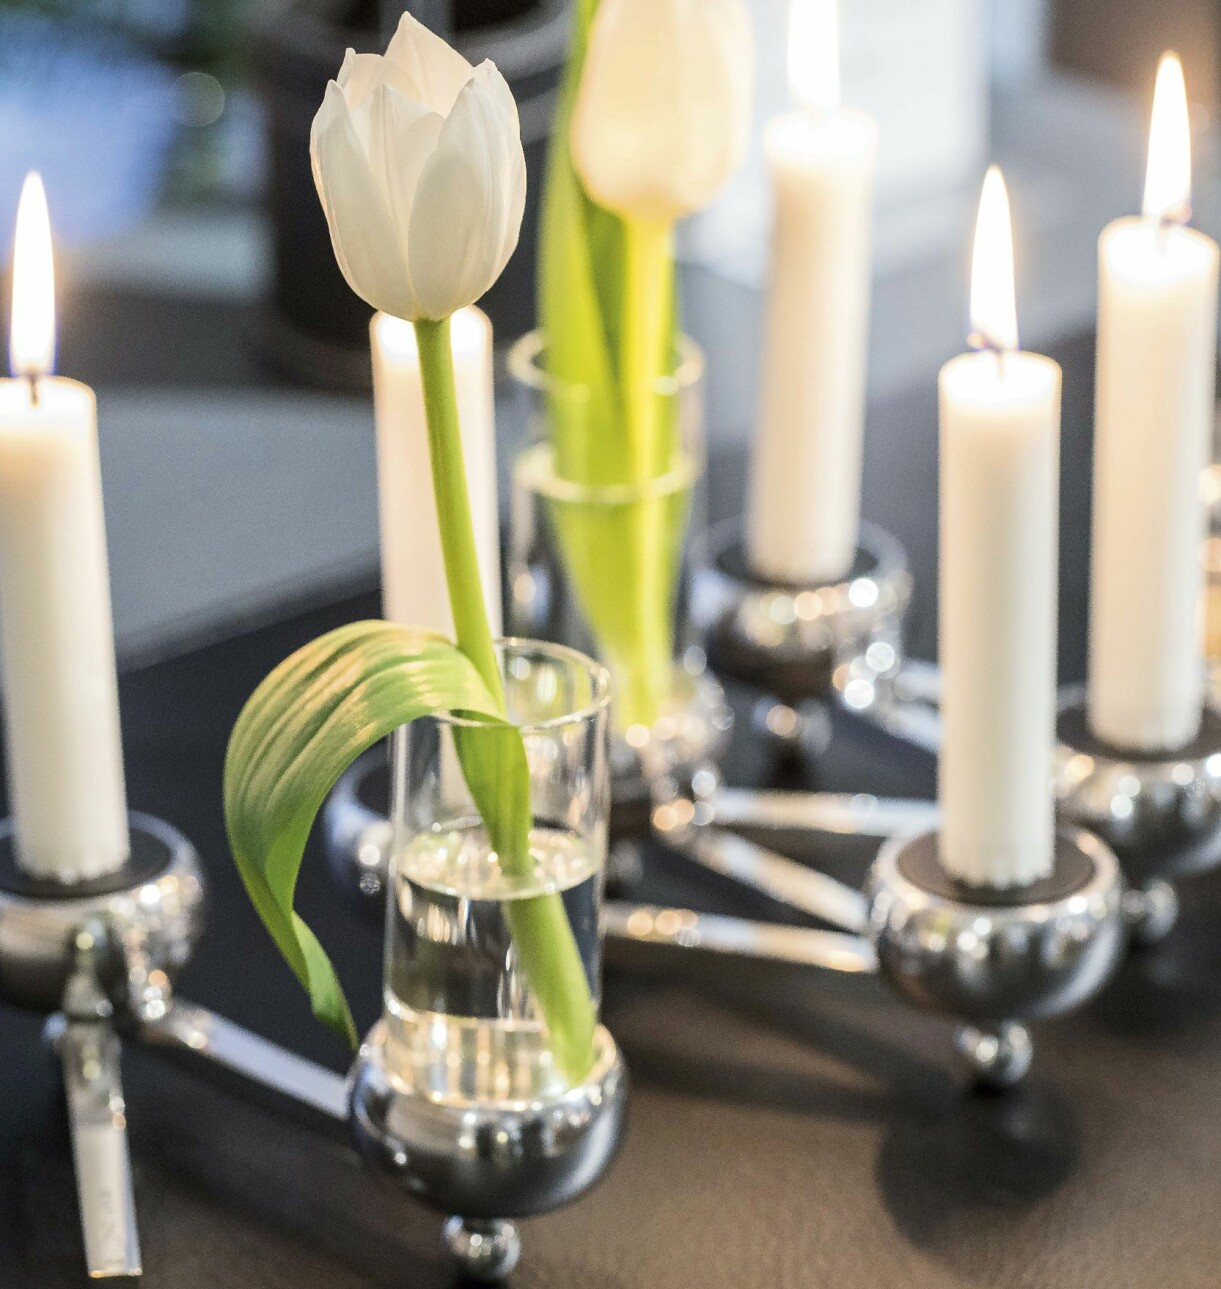 Enkla tulpaner i glasvaser och levande ljus. Svårare än så behöver det inte vara.